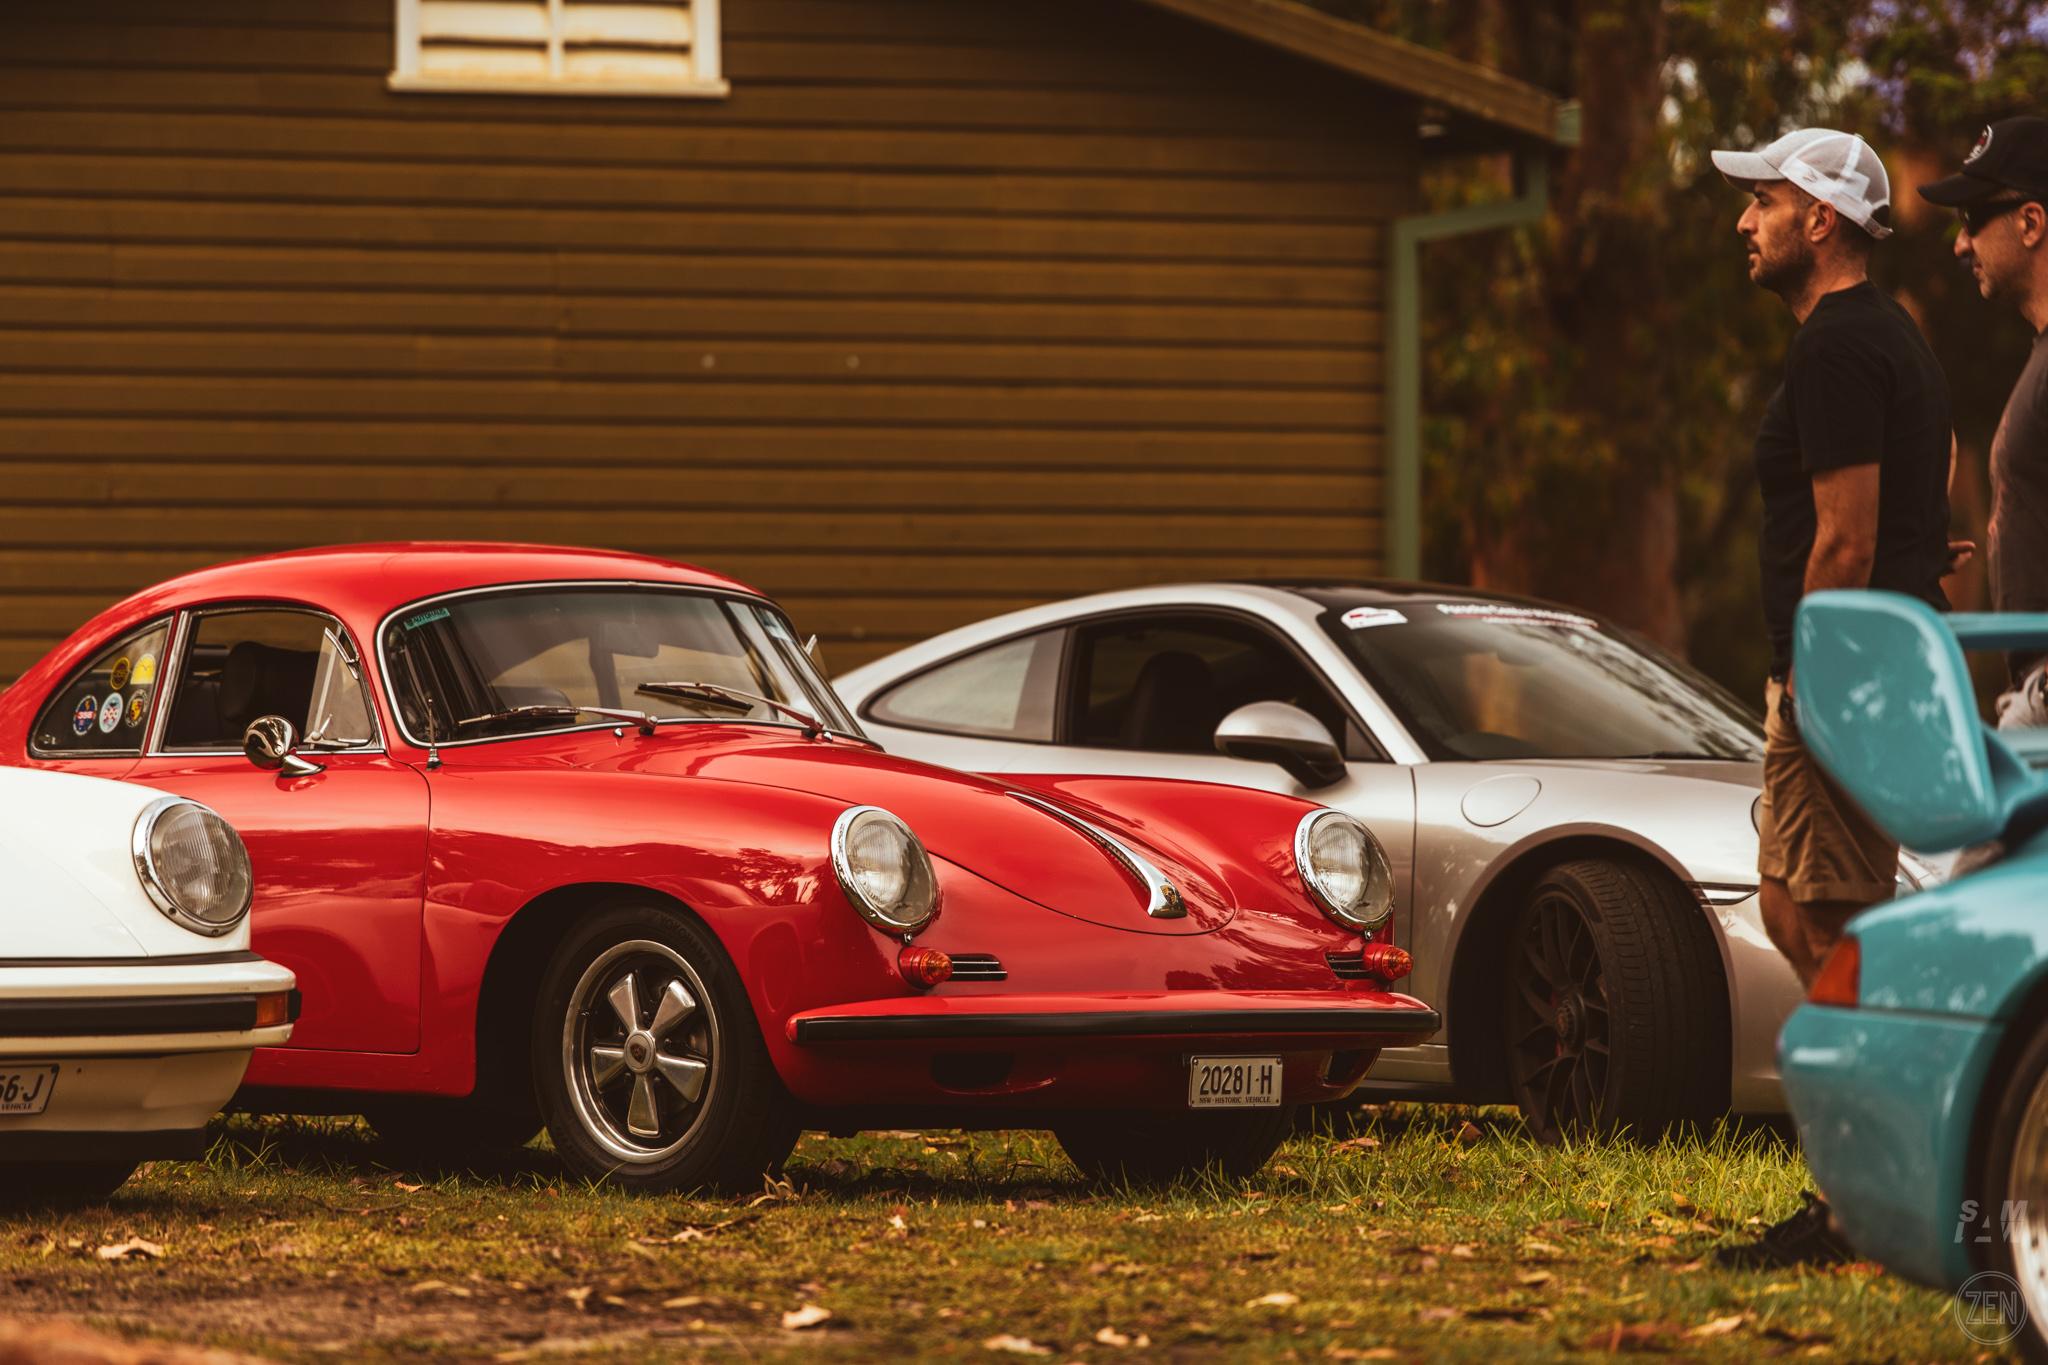 2019-12-08 - Porsches & Coffee 105